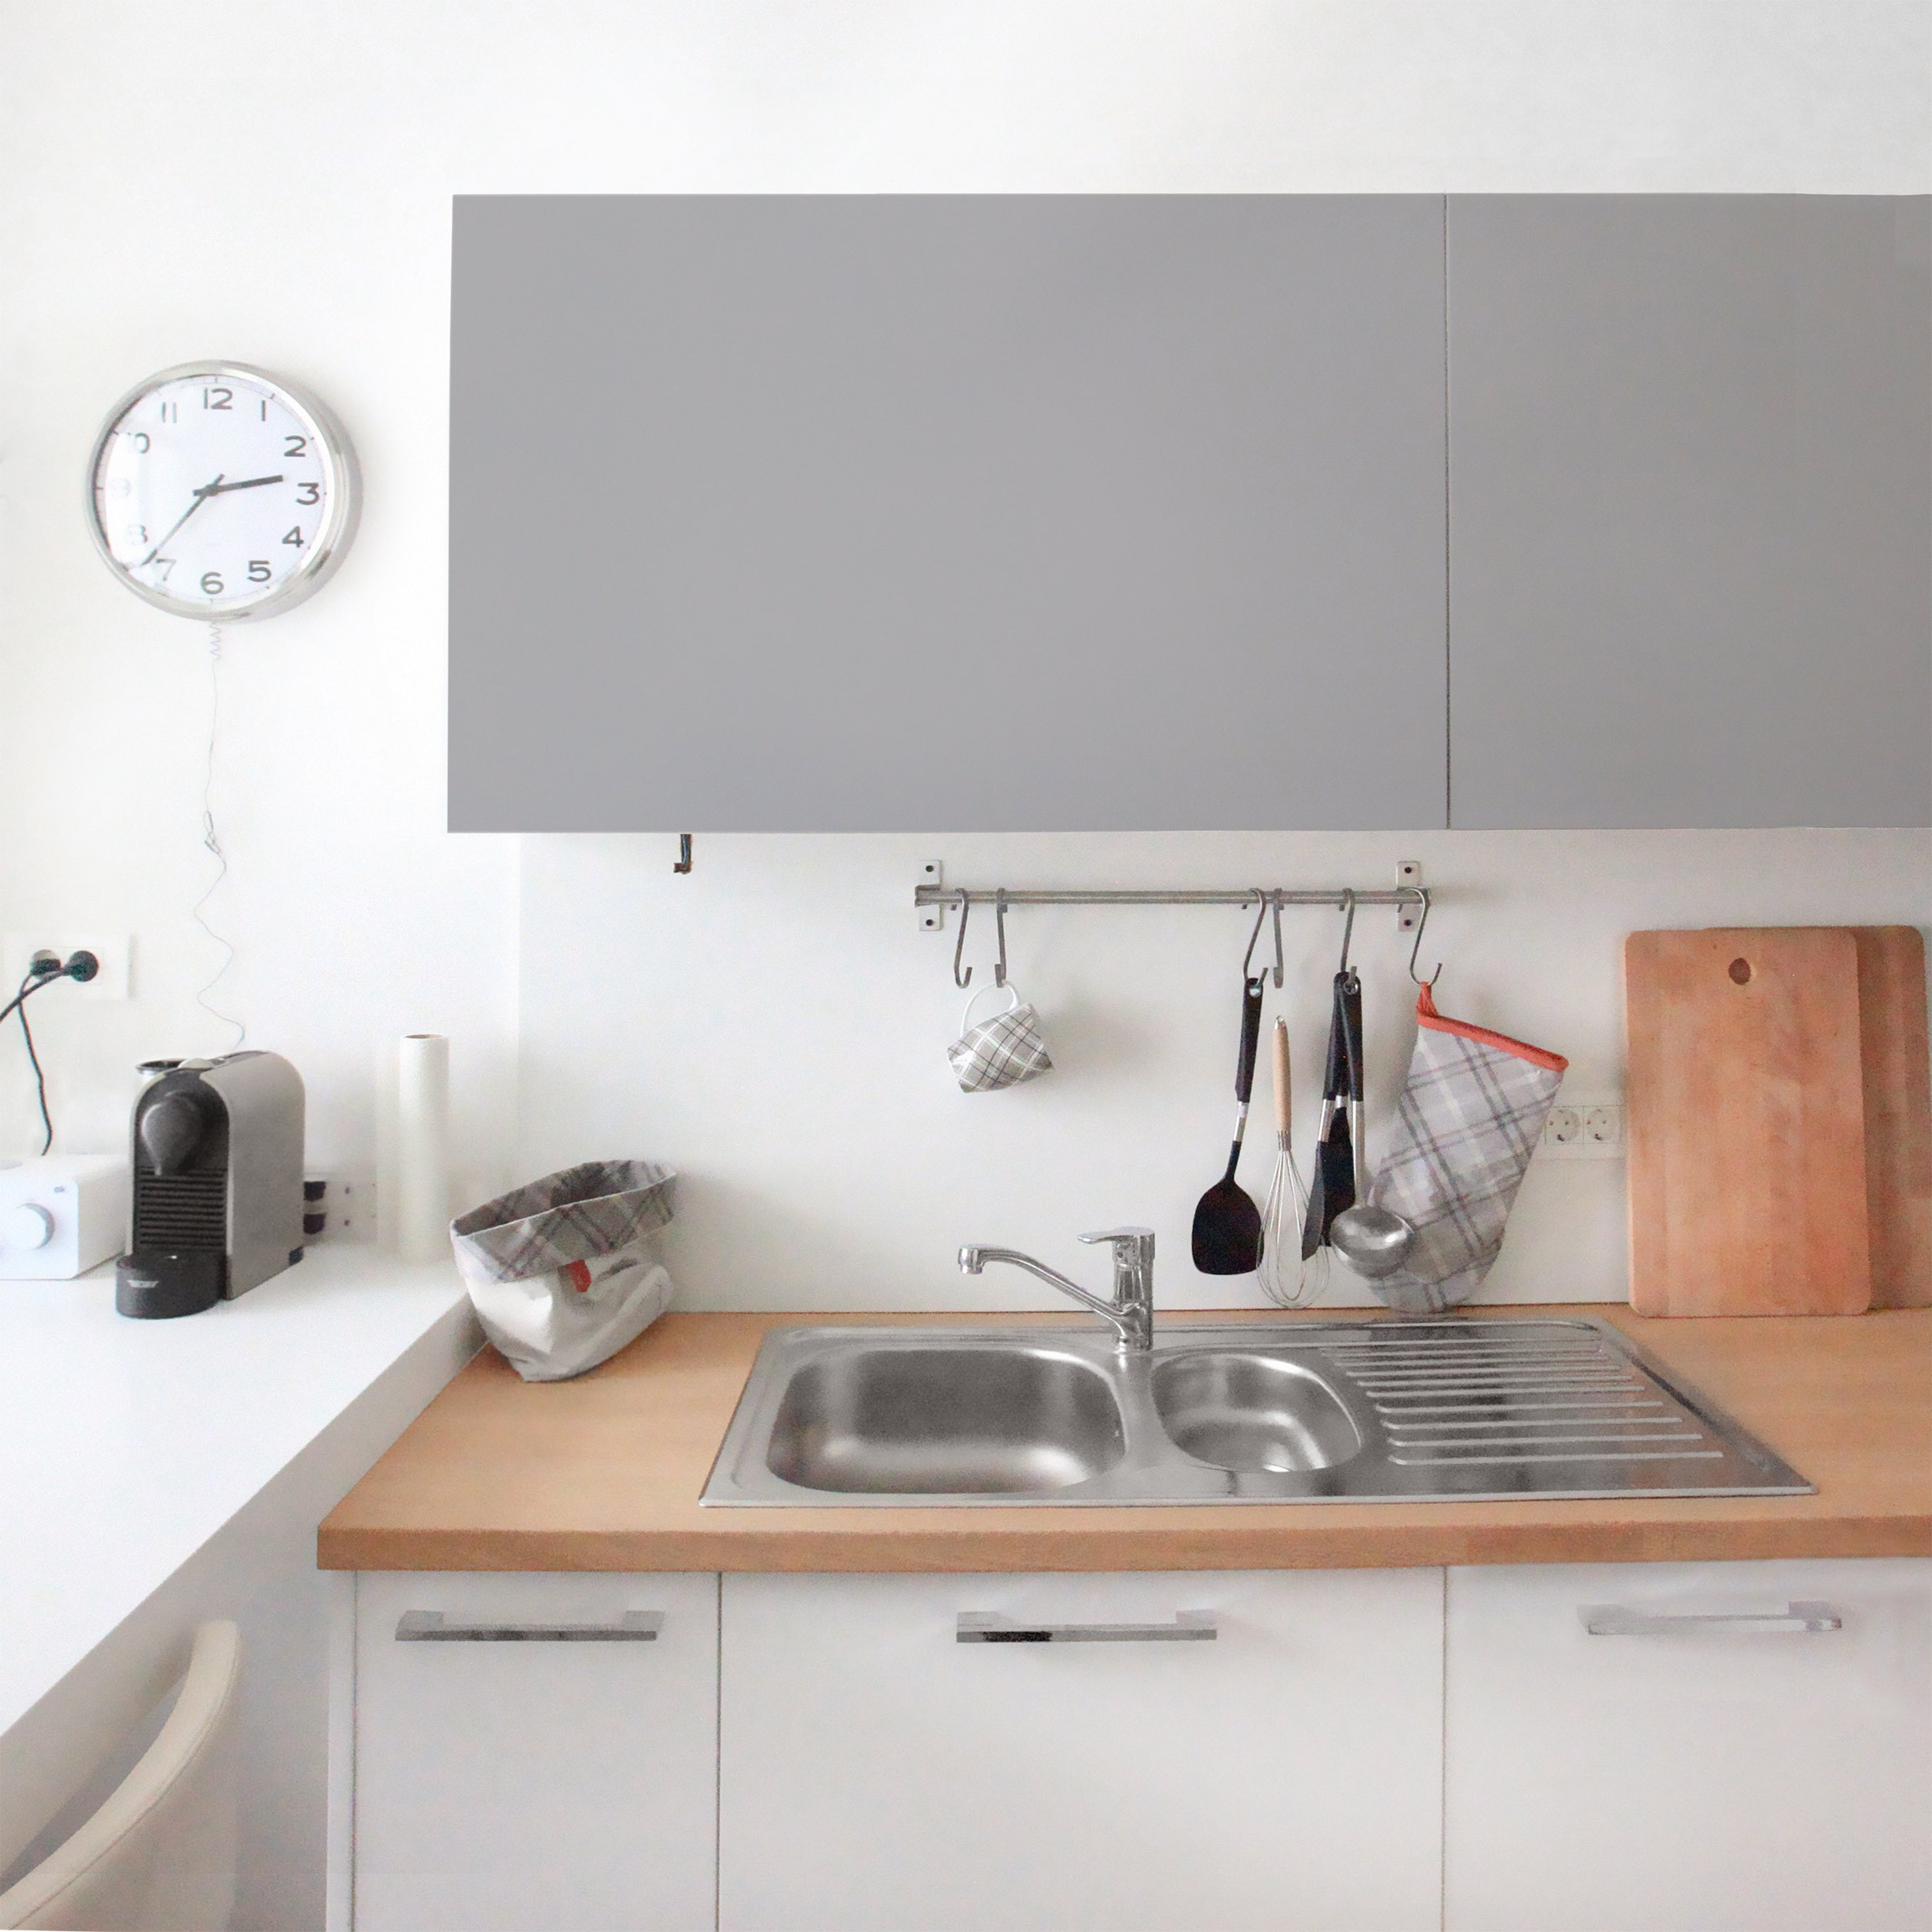 Carta adesiva per mobili colour agate grey for Carta adesiva mobili